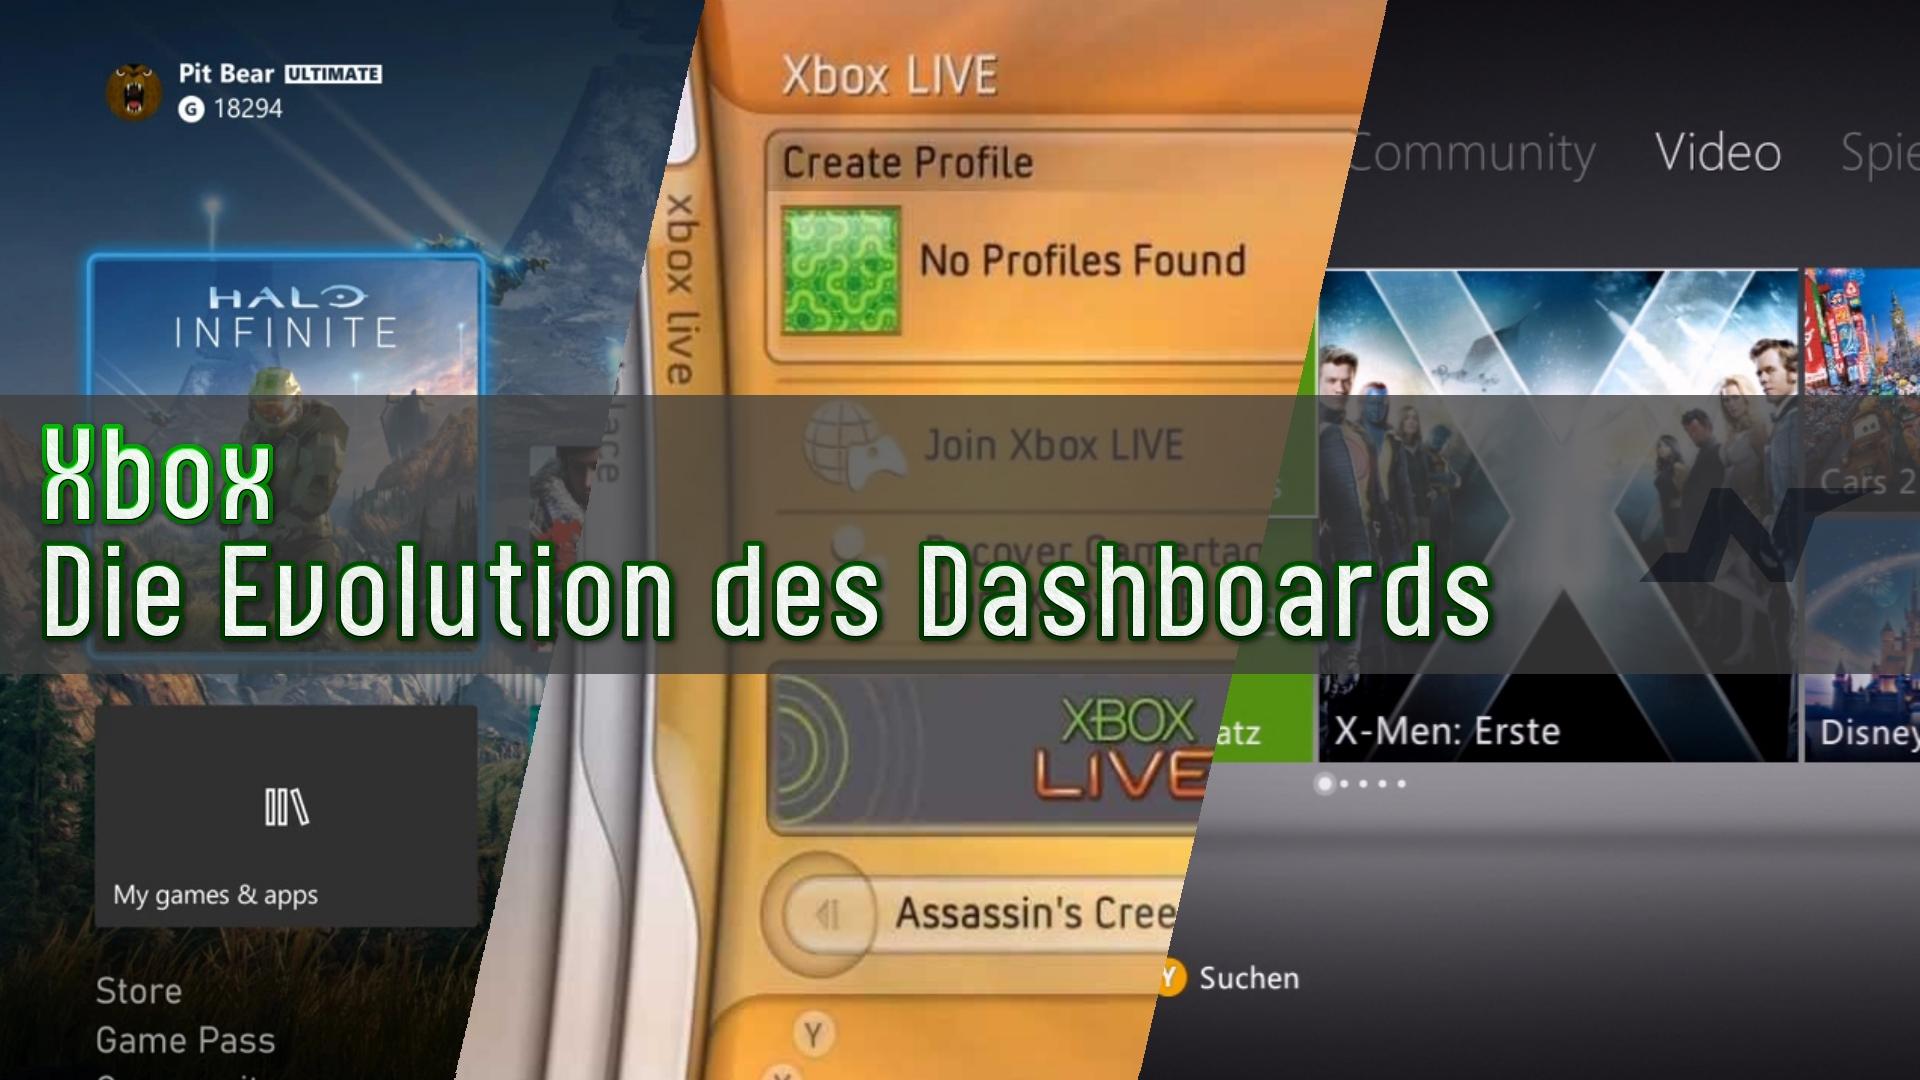 Xbox - Die Evolution des Dashboards